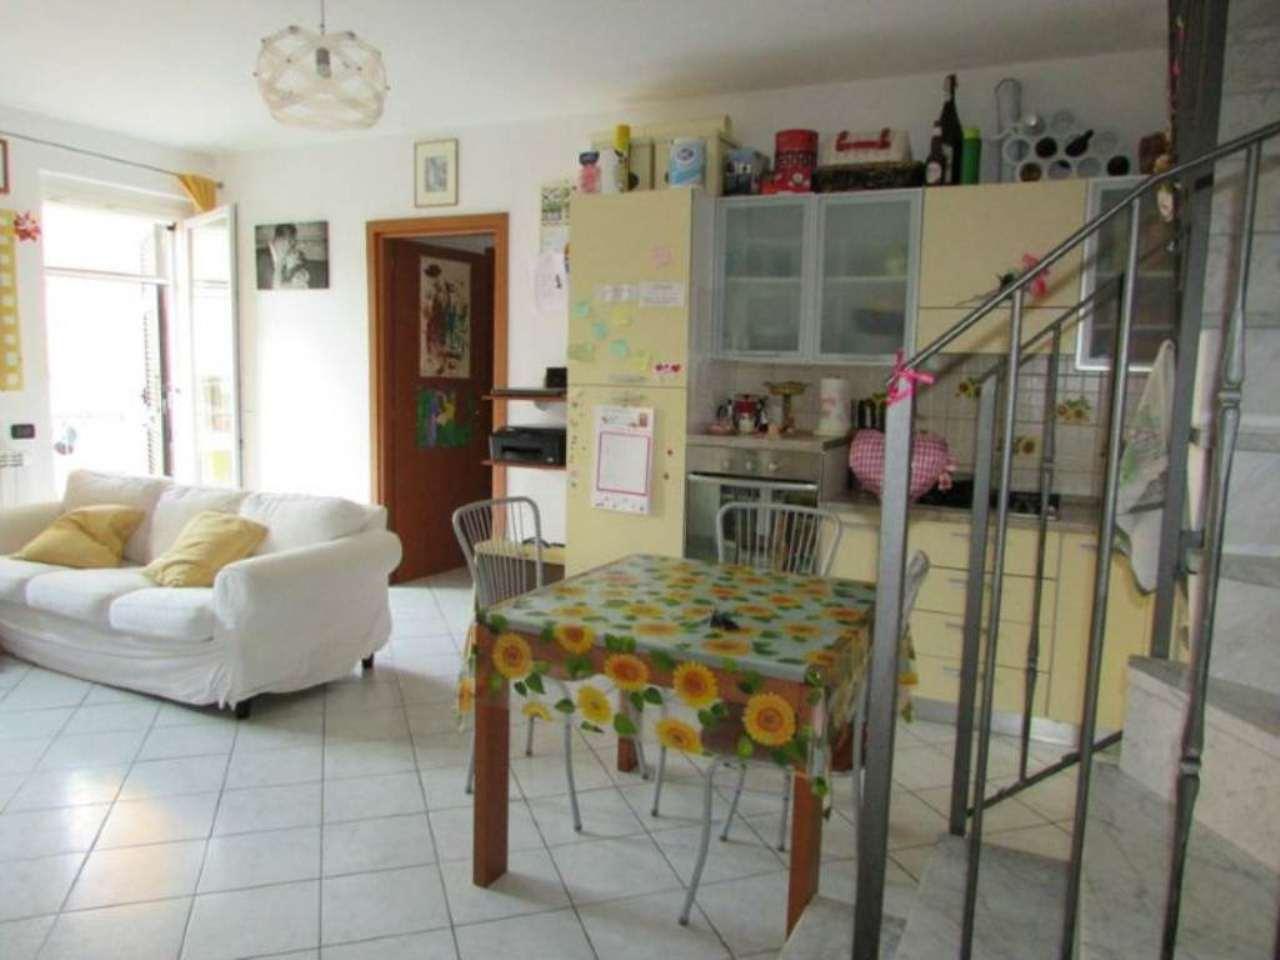 Appartamento in vendita a Riccò del Golfo di Spezia, 4 locali, prezzo € 150.000 | CambioCasa.it